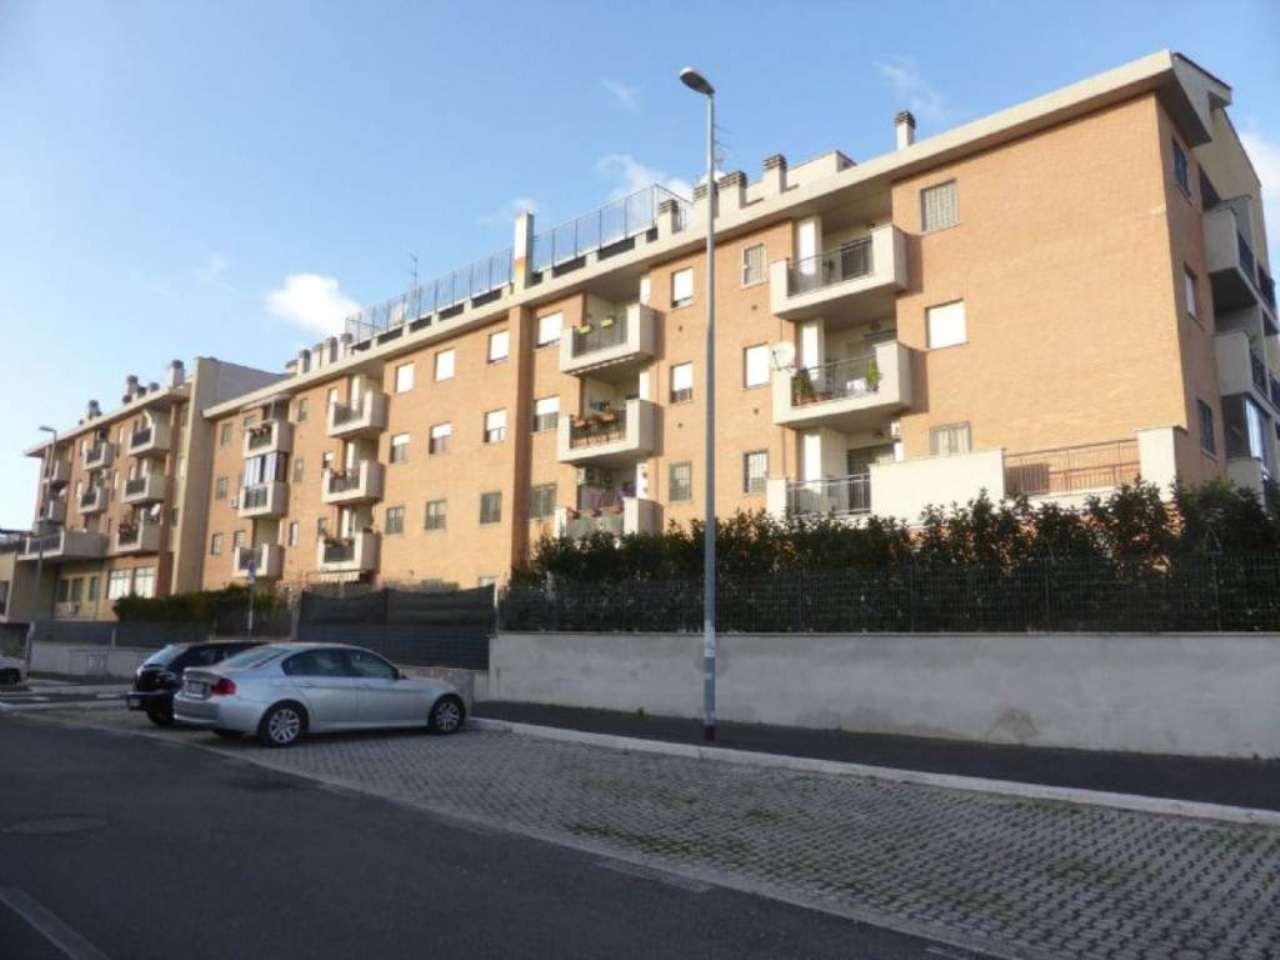 Appartamento in Affitto a Roma 30 Portuense / Magliana: 3 locali, 80 mq